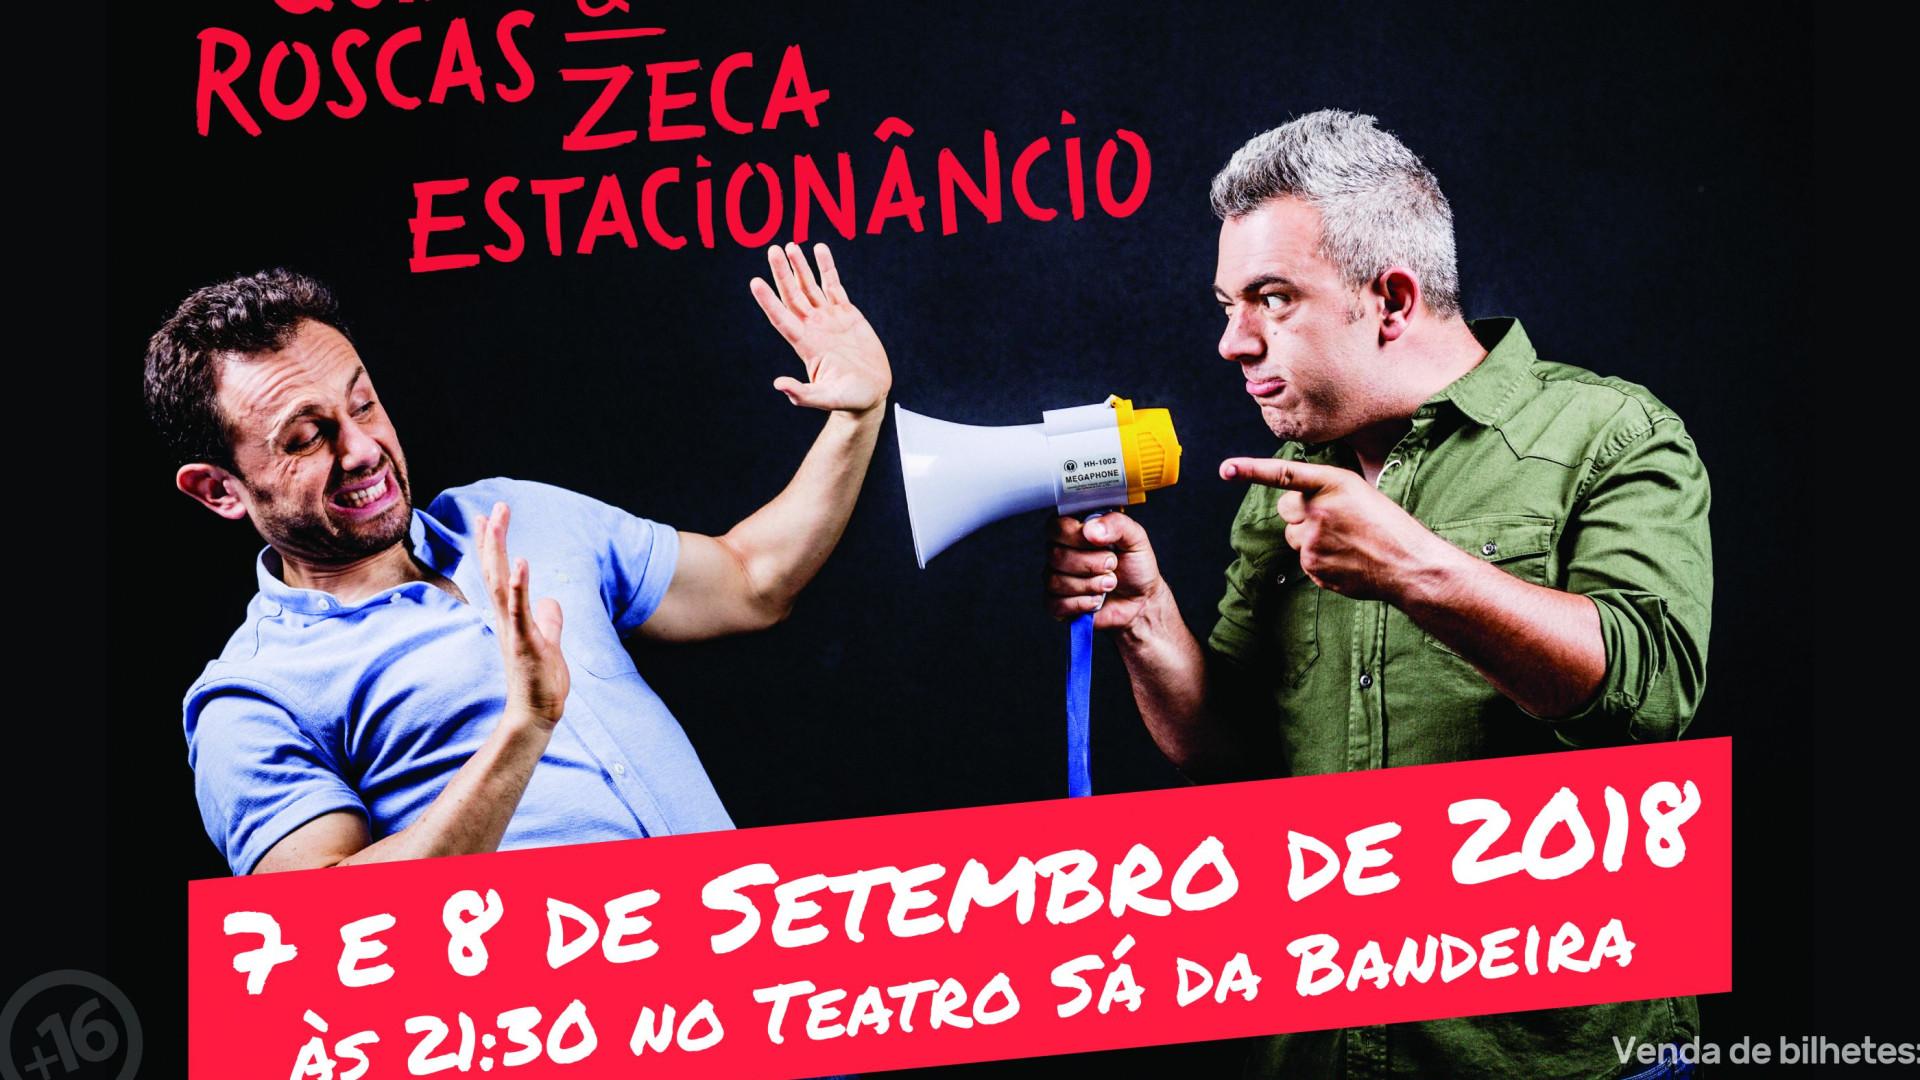 Quim Roscas & Zeca Estacionâncio sobem ao palco do Sá da Bandeira